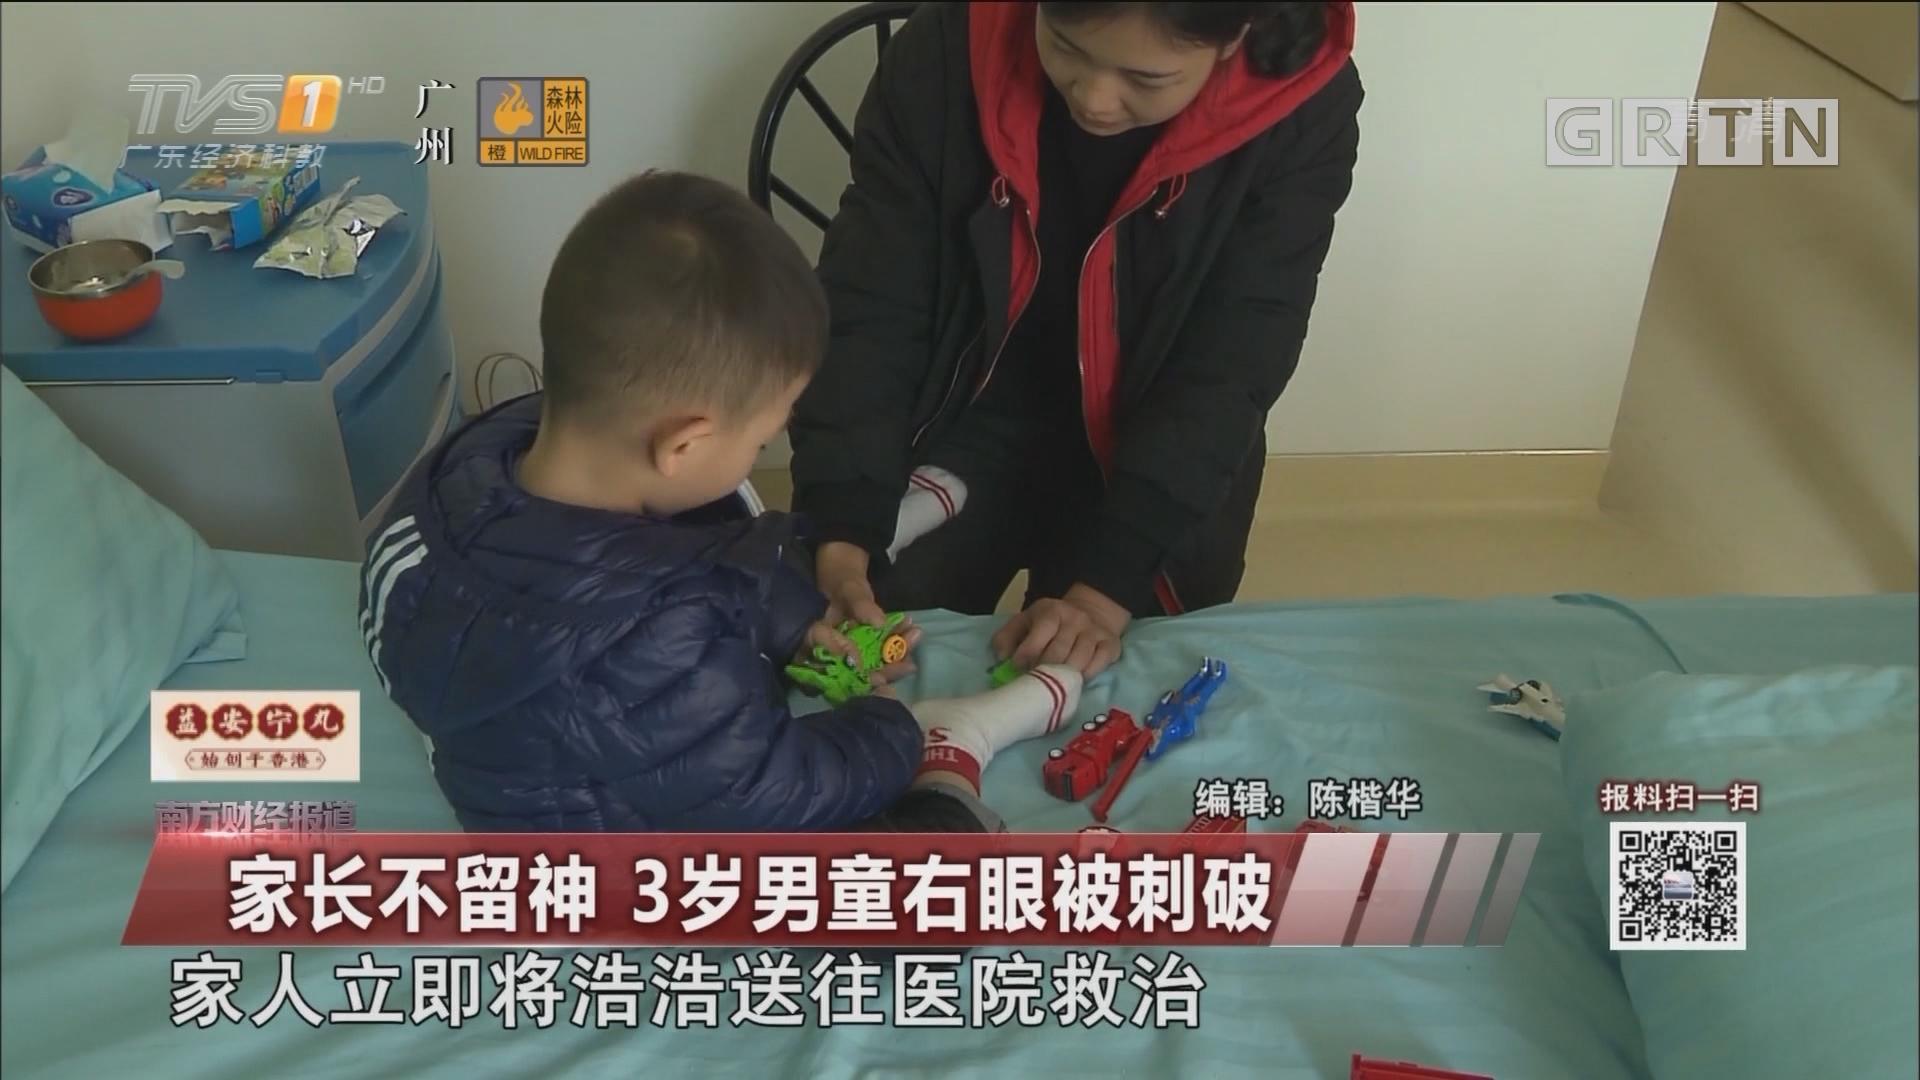 家长不留神 3岁男童右眼被刺破